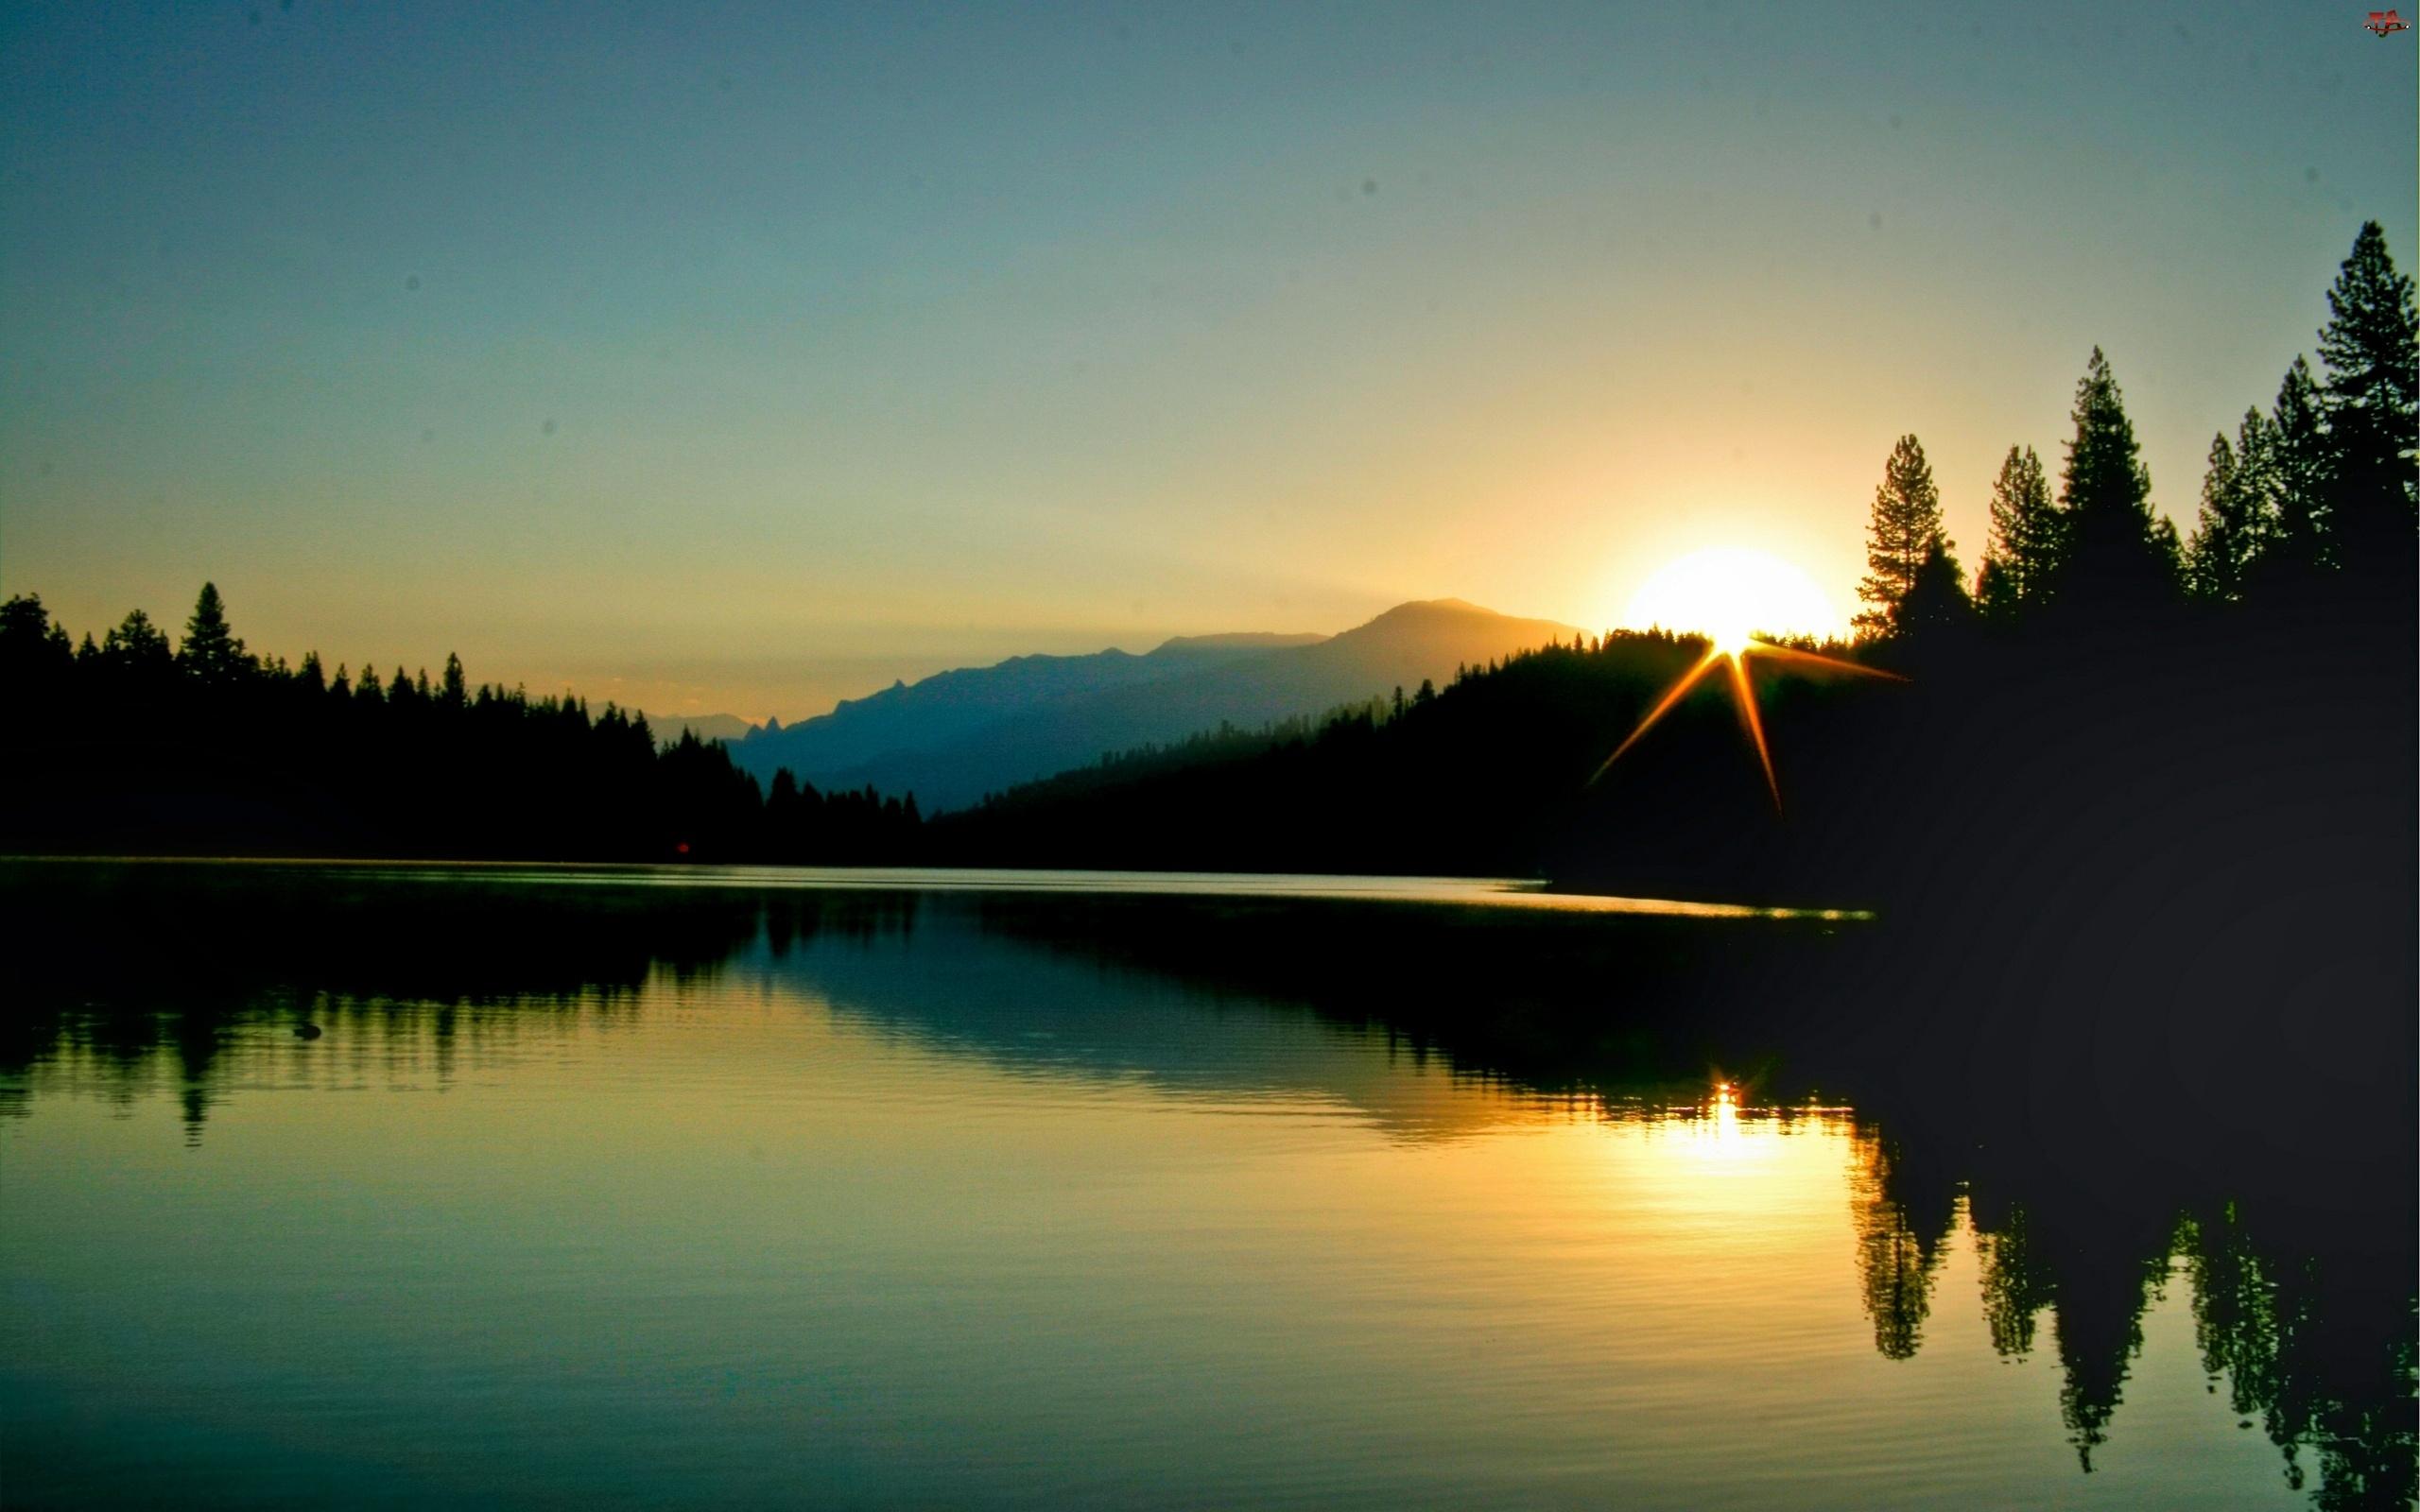 Las, Wschód, Góry, Słońca, Jezioro